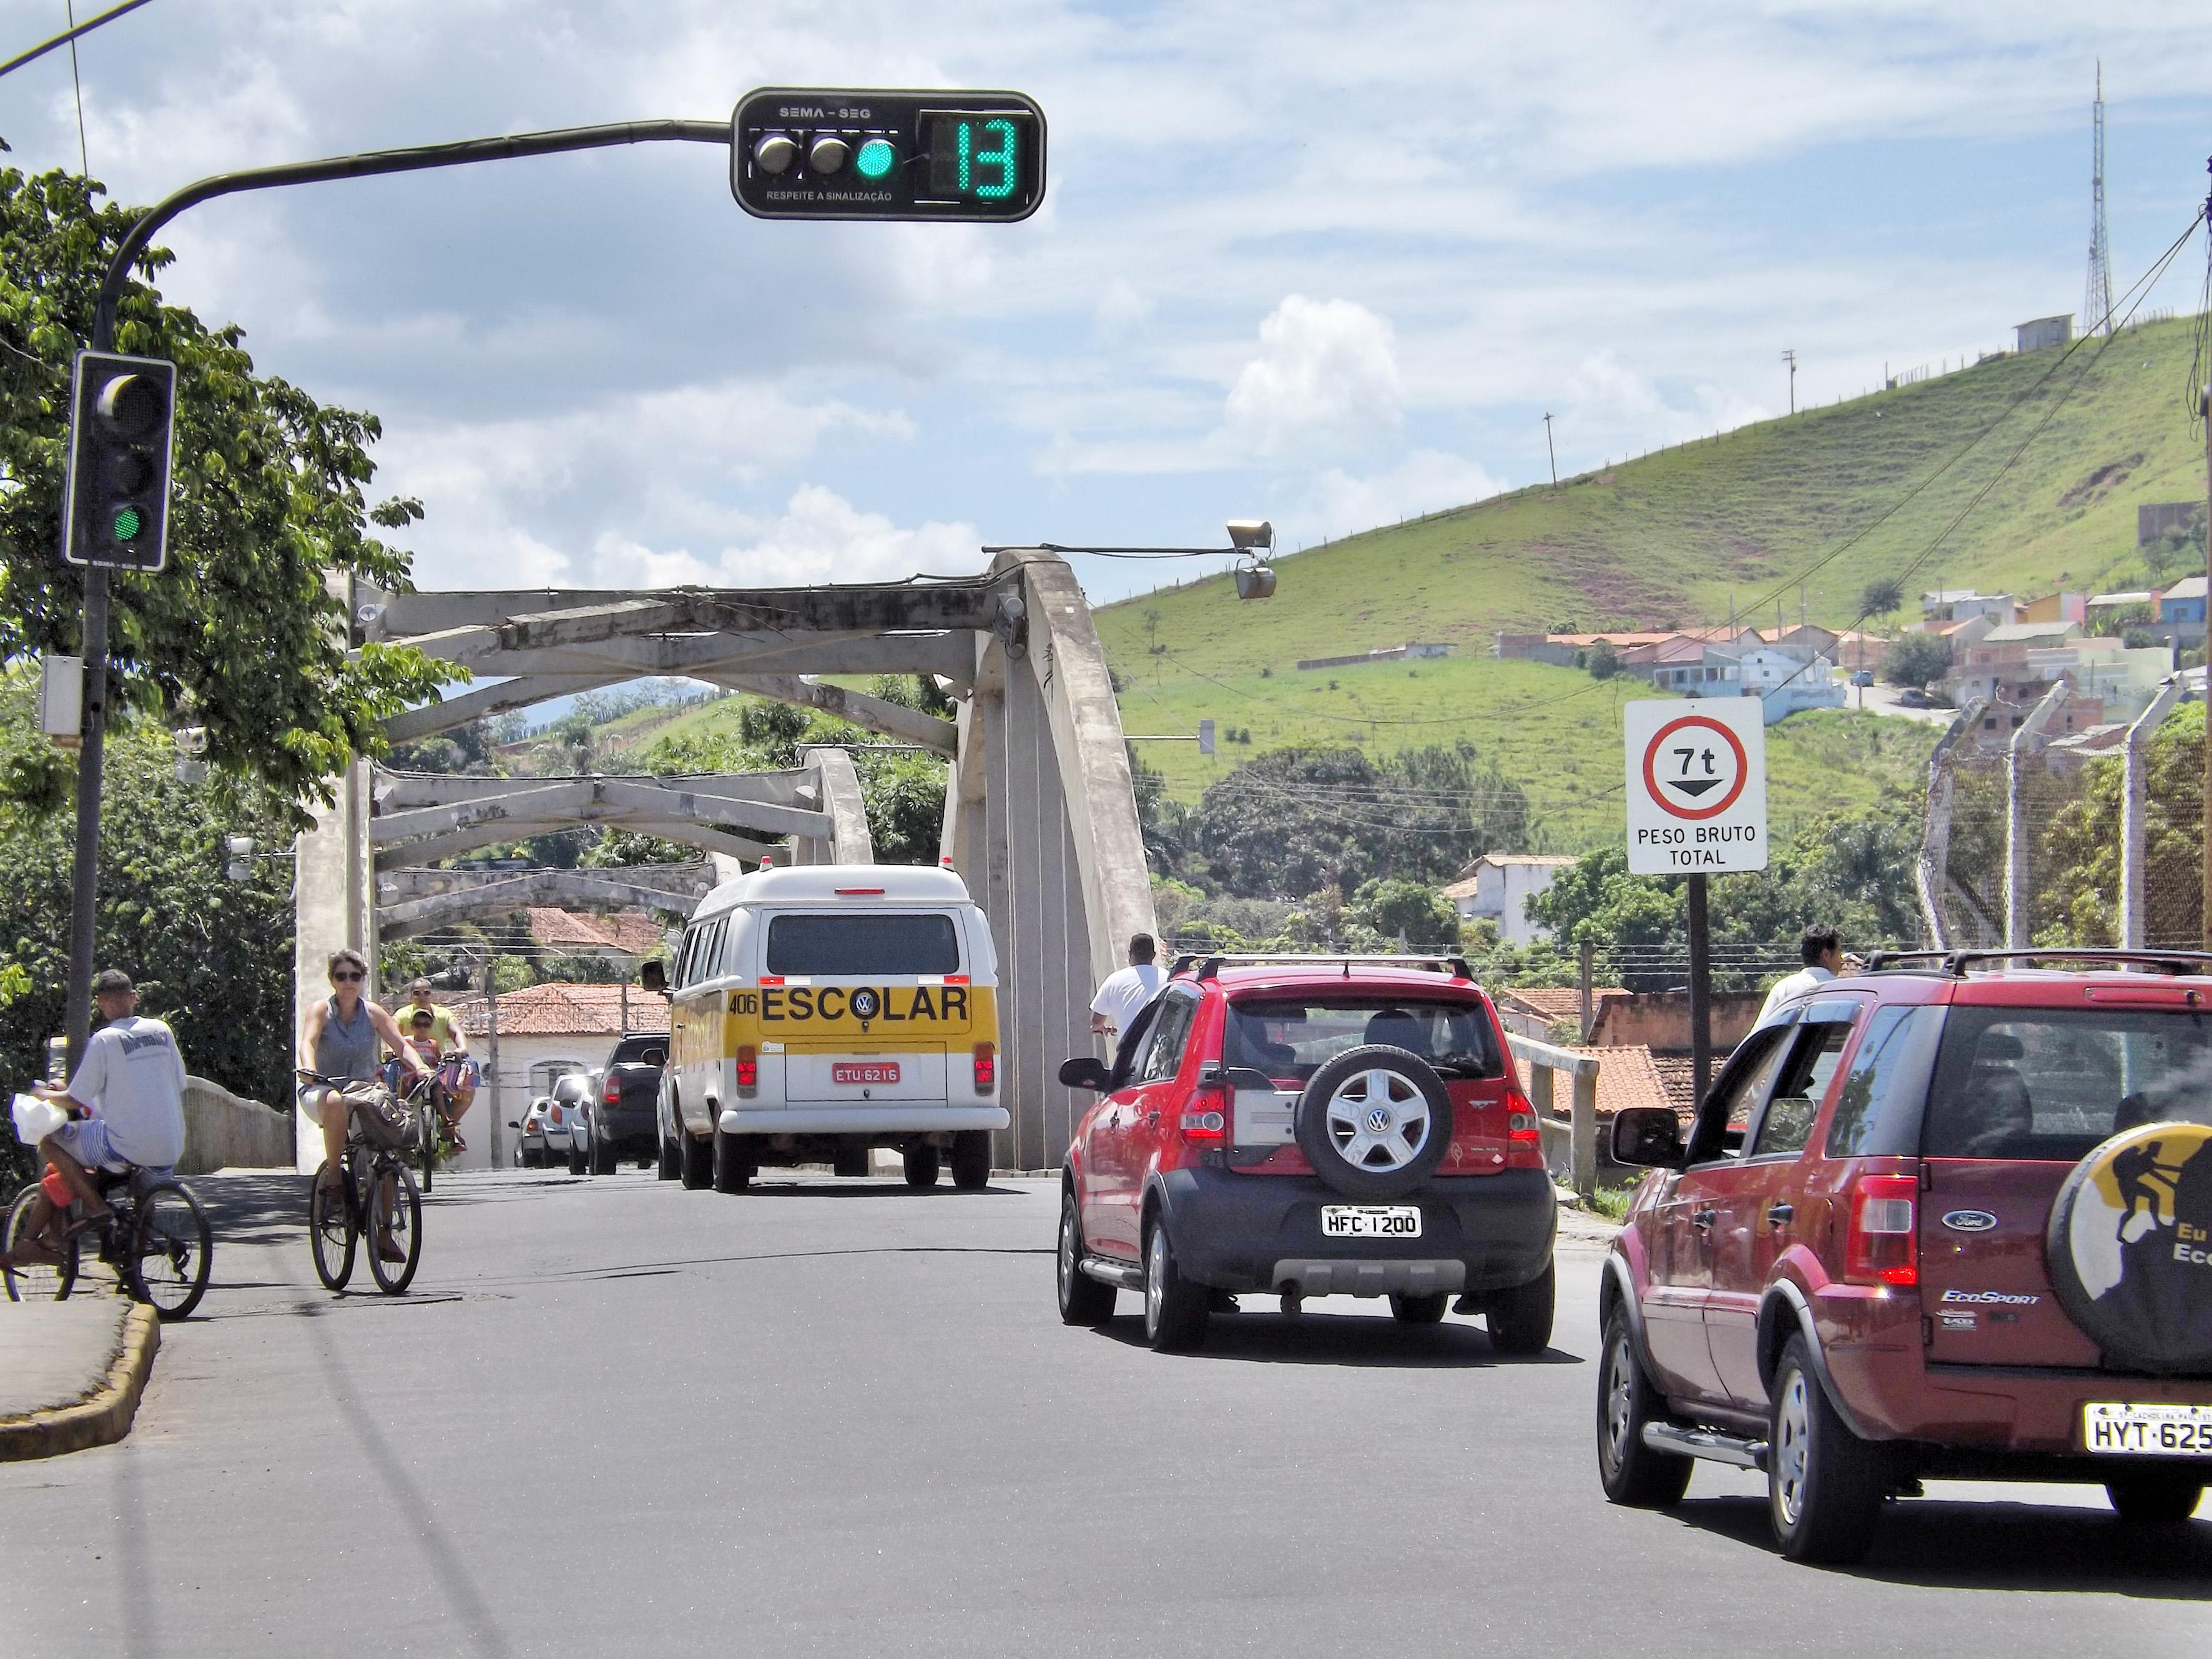 Trecho que divide região central da cidade com a Margem Esquerda e conta com sinalização para impedir acidentes (Foto: Lucas Barbosa)